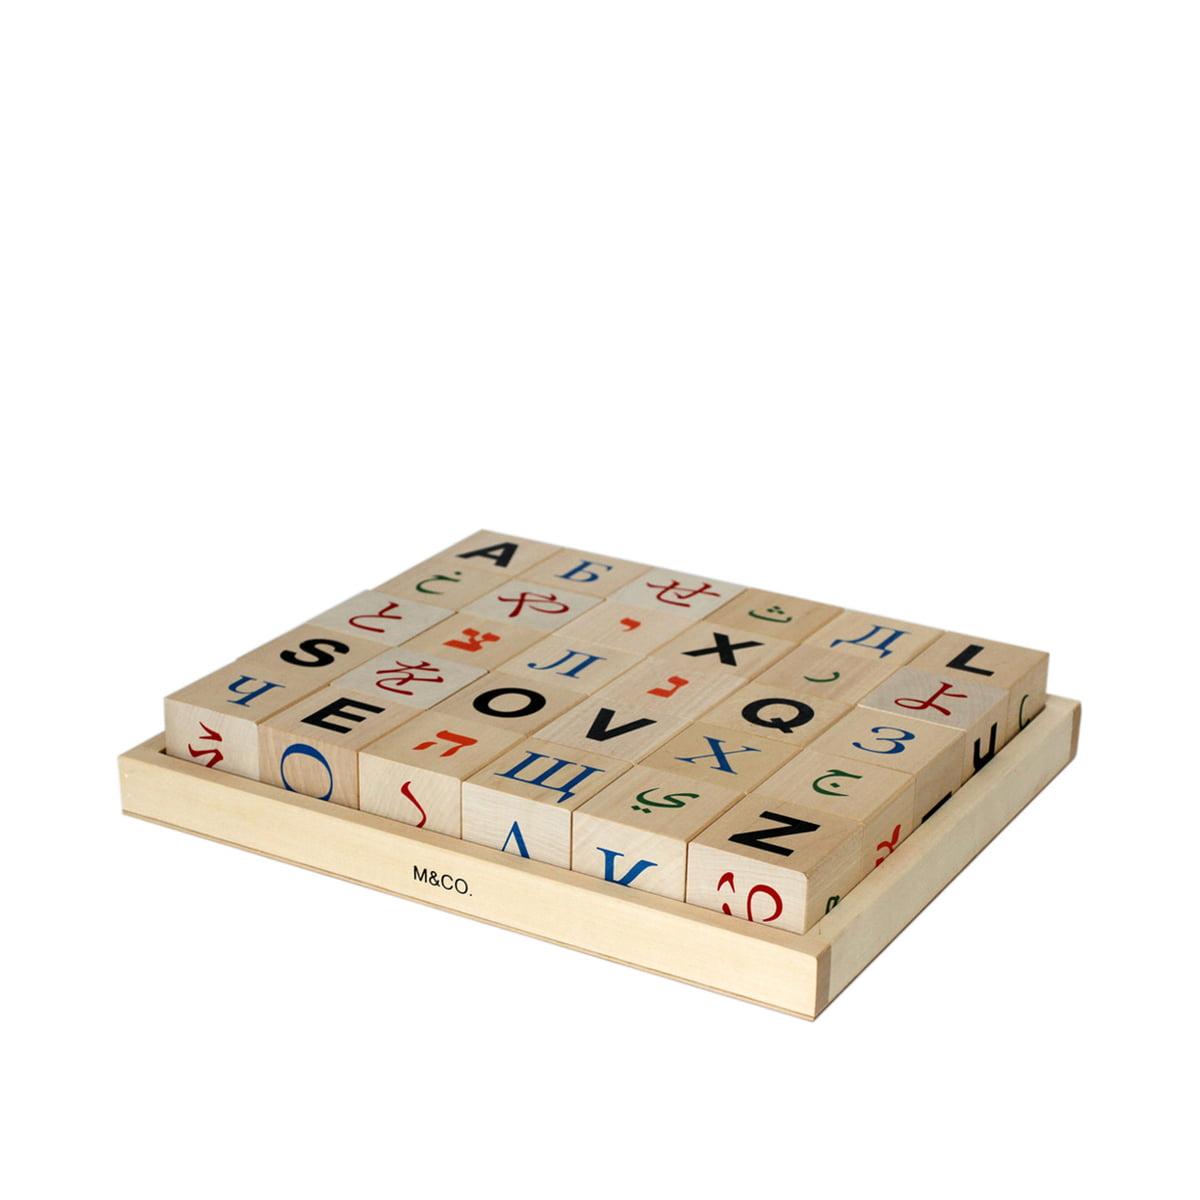 global alphabet blocks de klein more. Black Bedroom Furniture Sets. Home Design Ideas